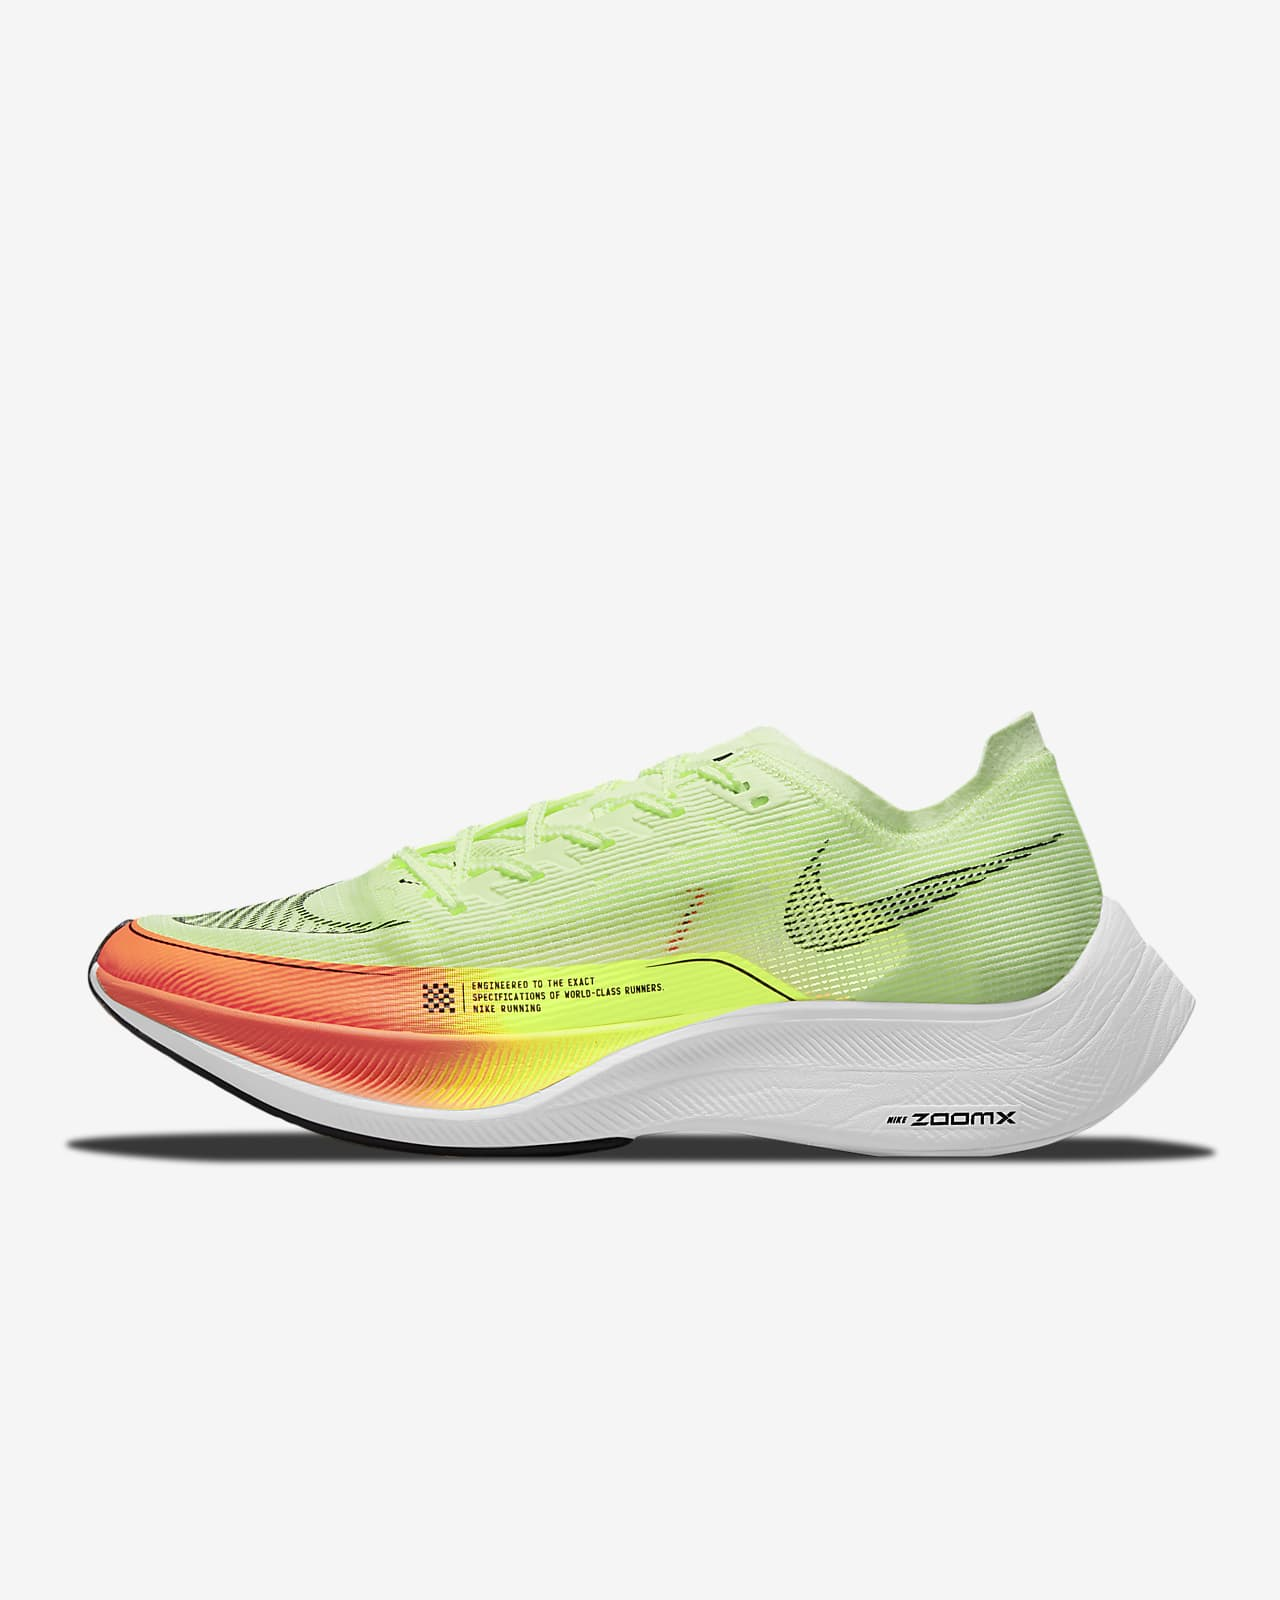 Мужские кроссовки для забегов по шоссе Nike ZoomX Vaporfly Next% 2